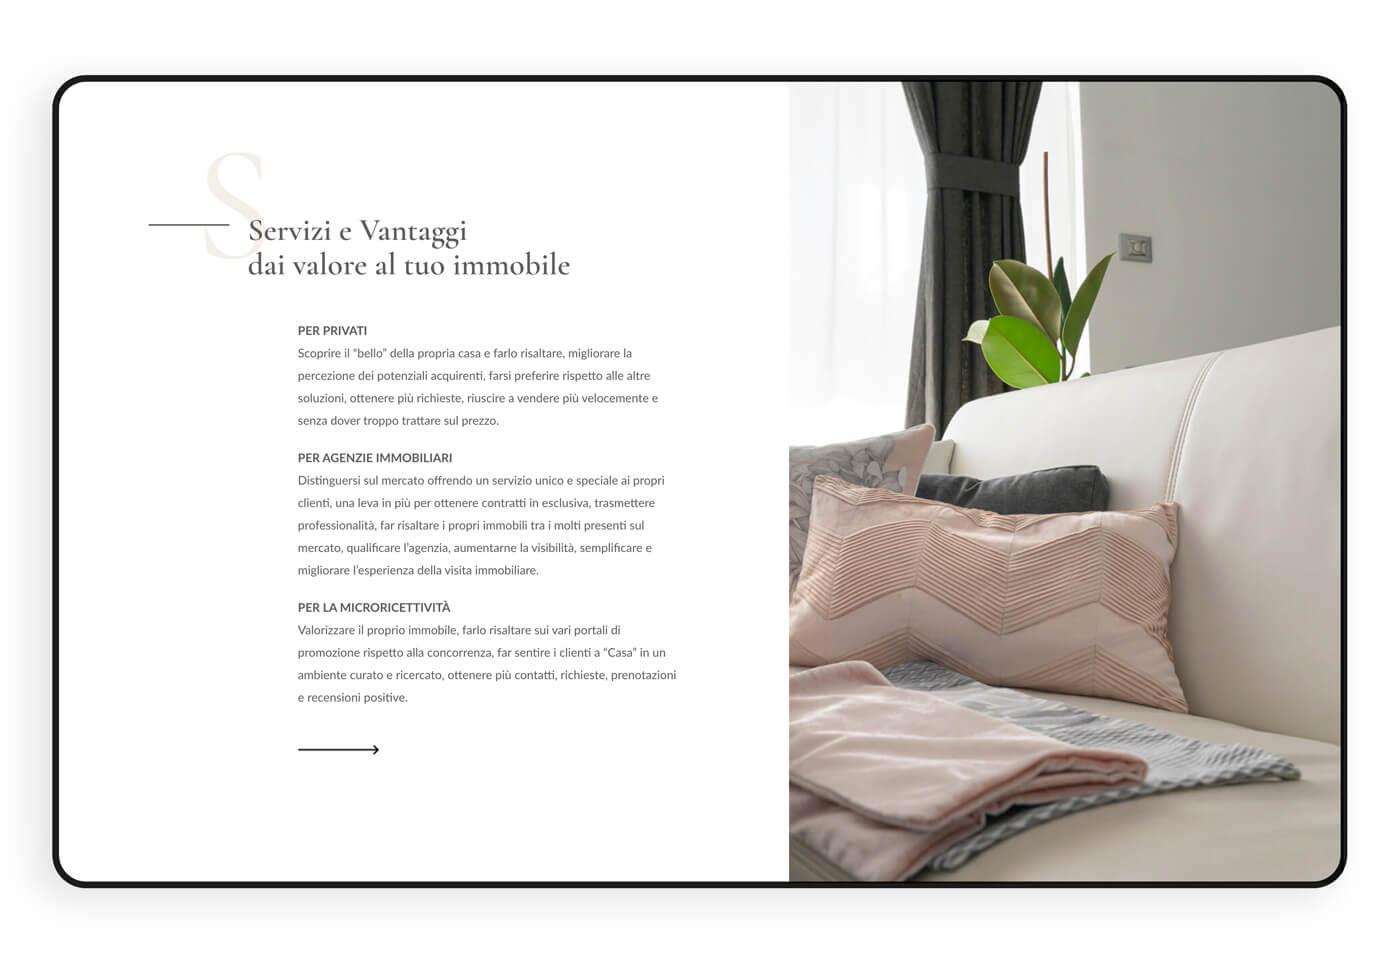 Servizi e vantaggi Home Staging